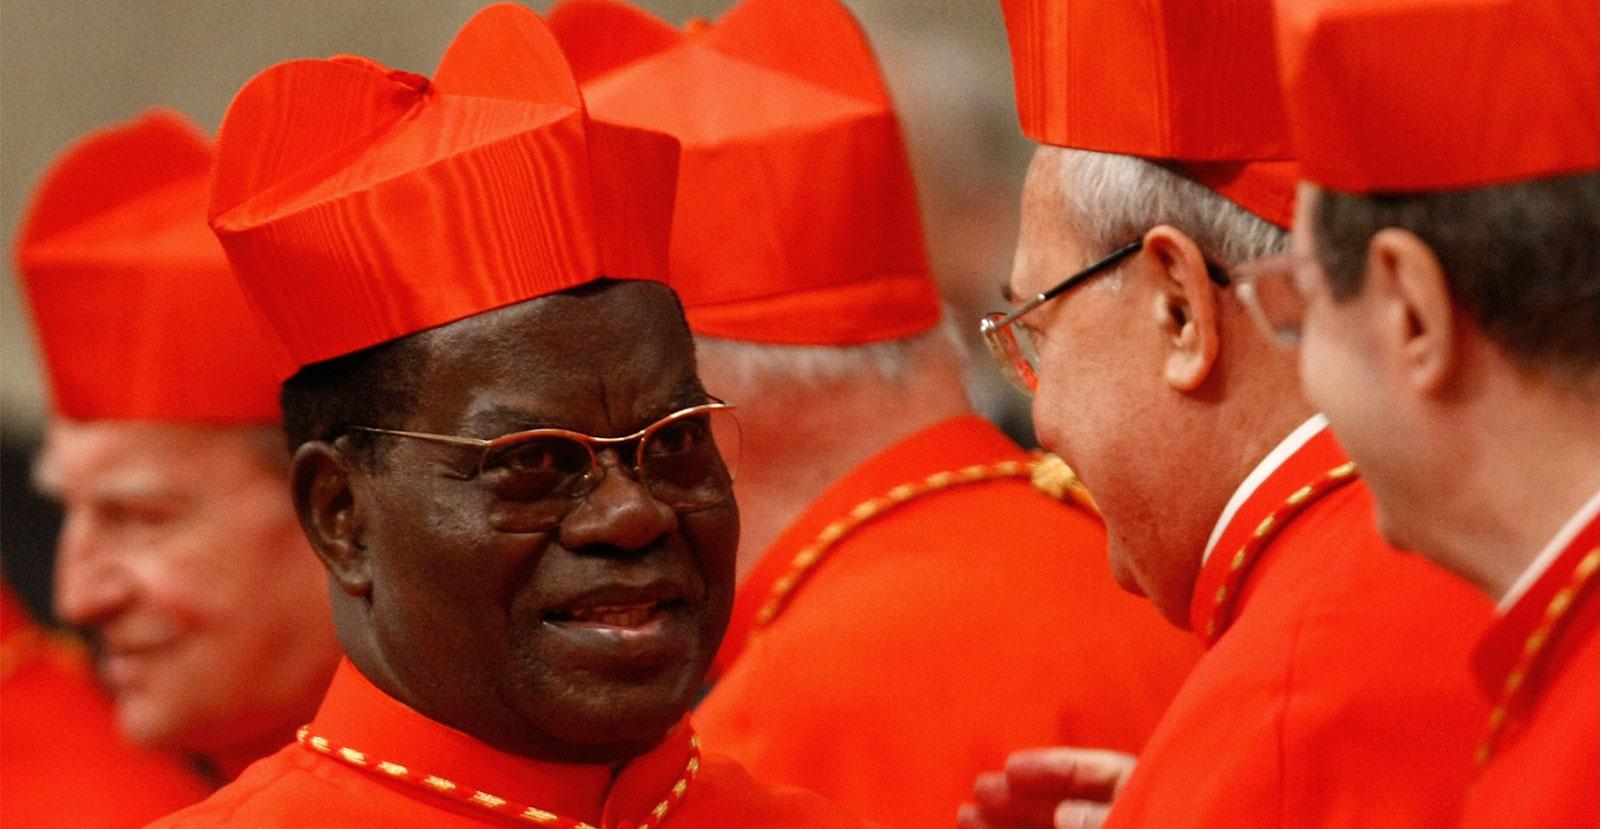 El cardenal congoleño Laurent Monsengwo falleció en Francia, el pasado 11 de julio, a los 81 años de edad